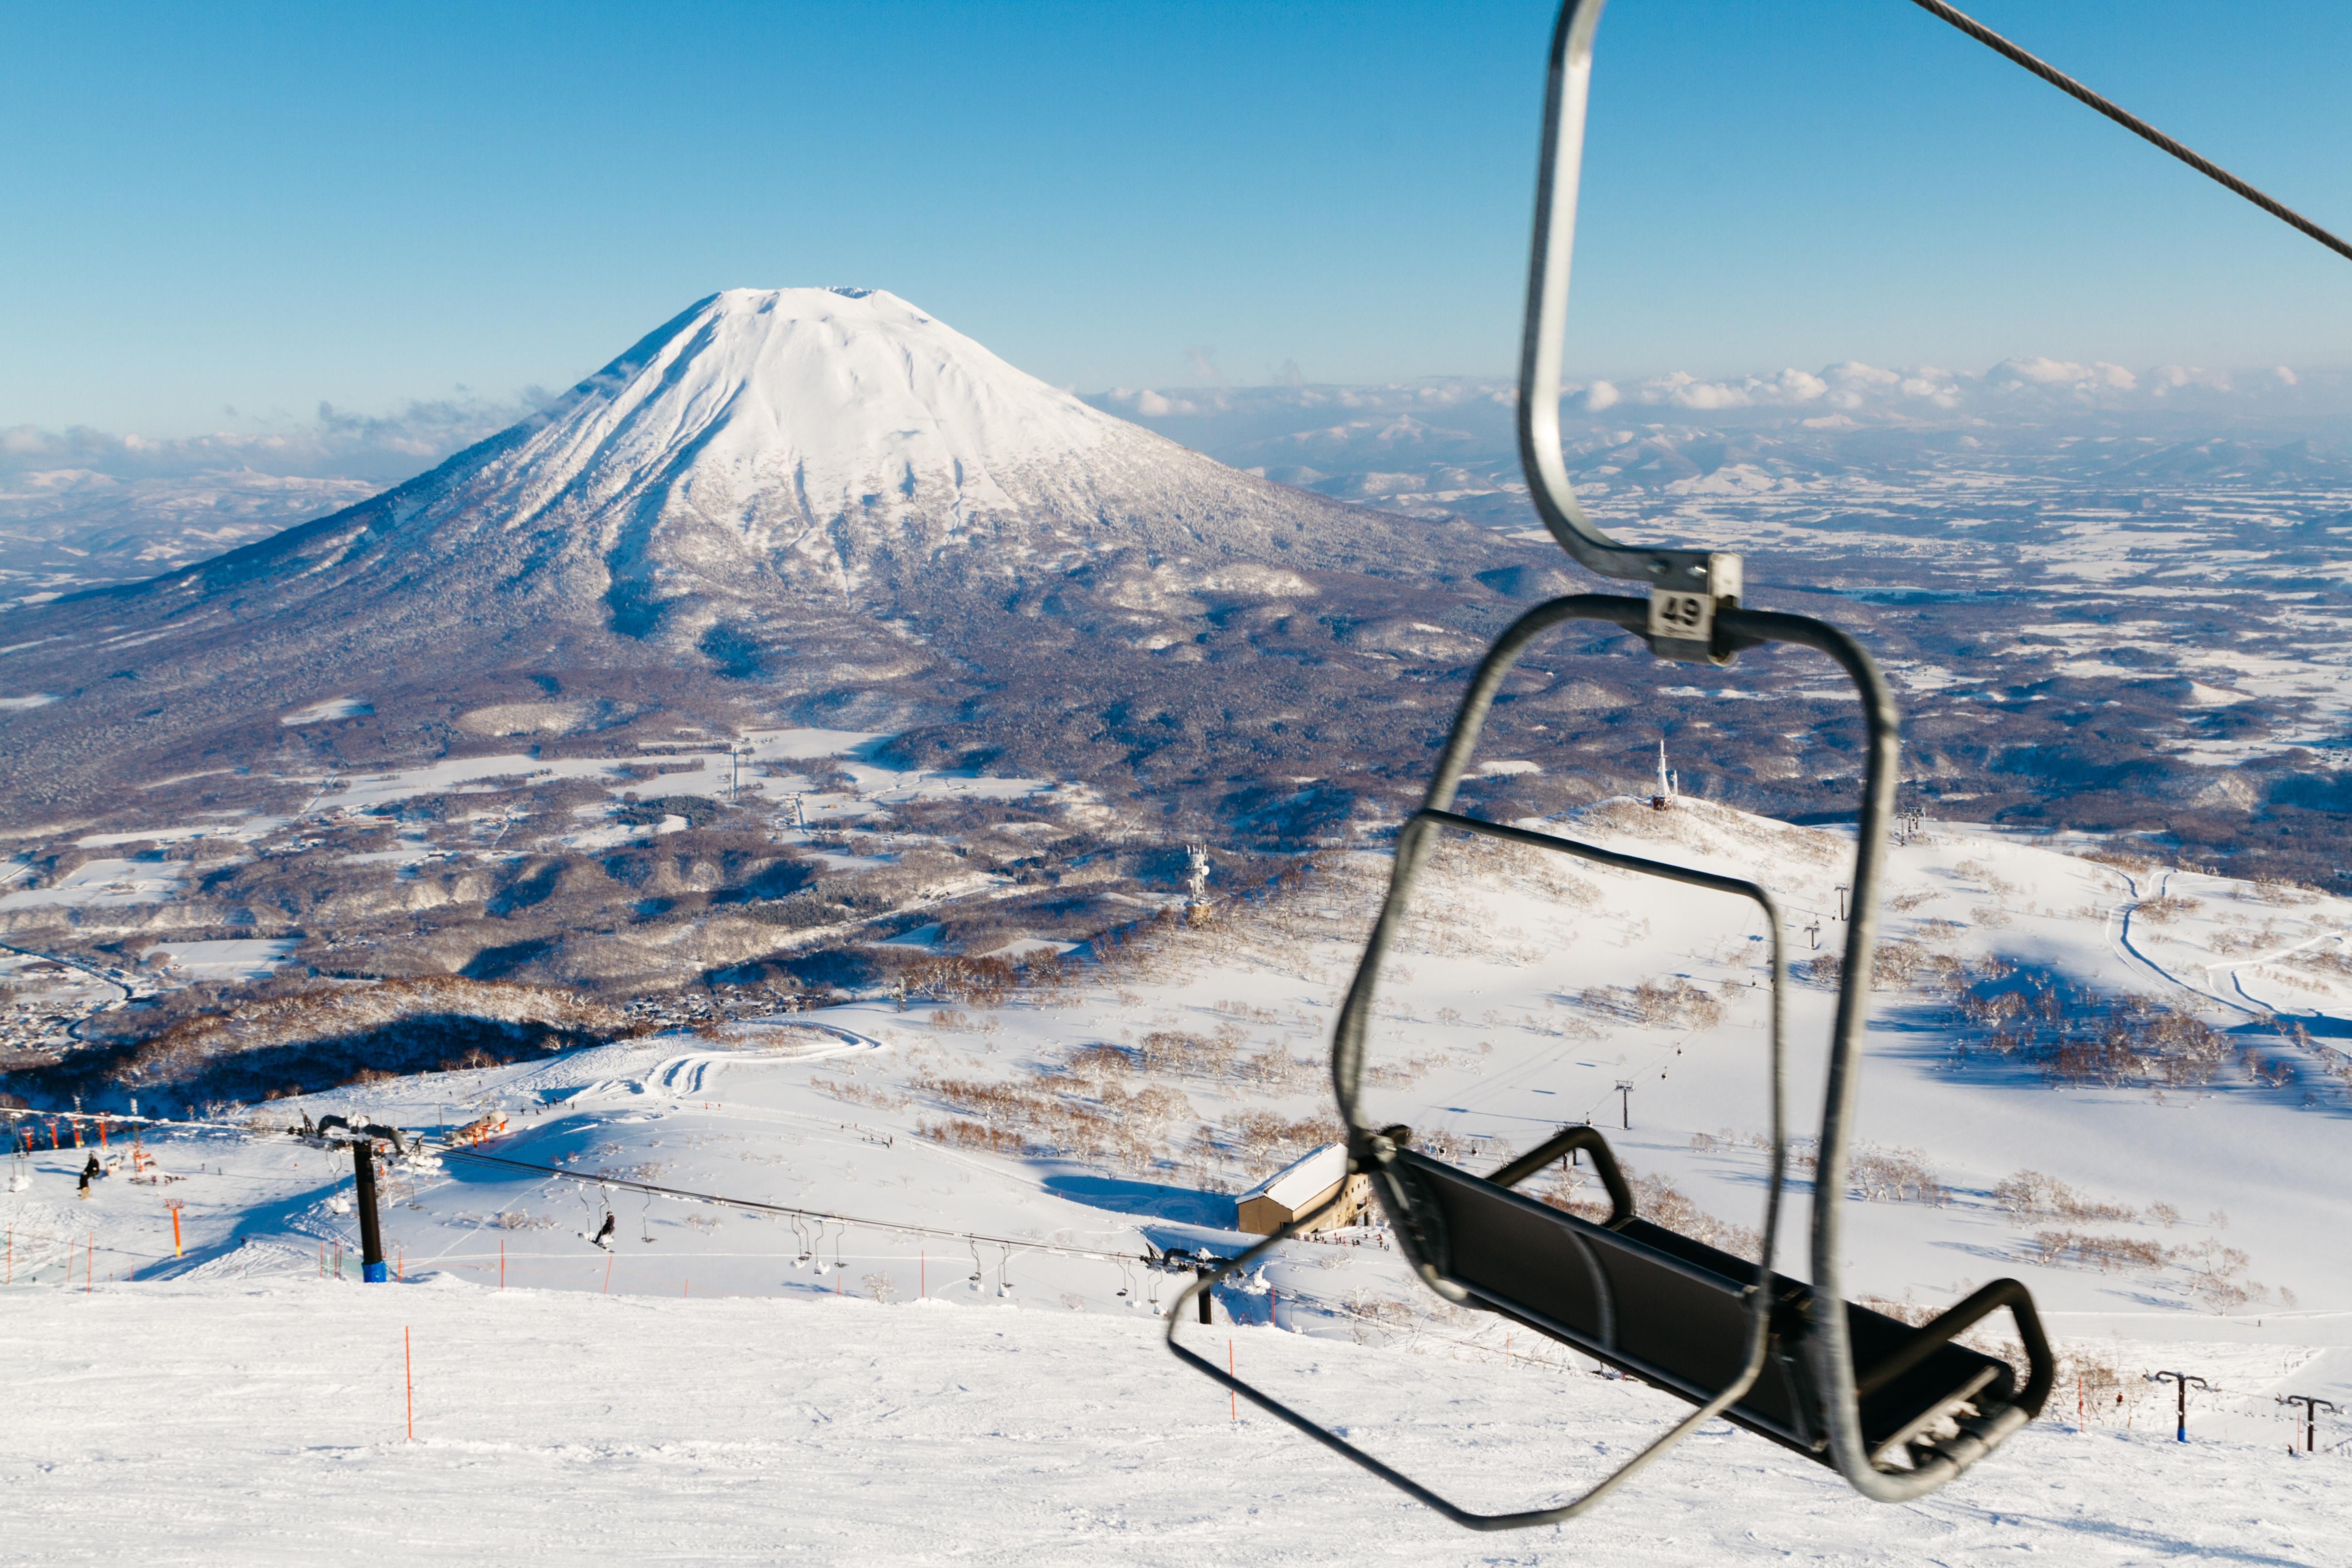 Mt Yotei - Niseko PhotographyMatt Wiseman